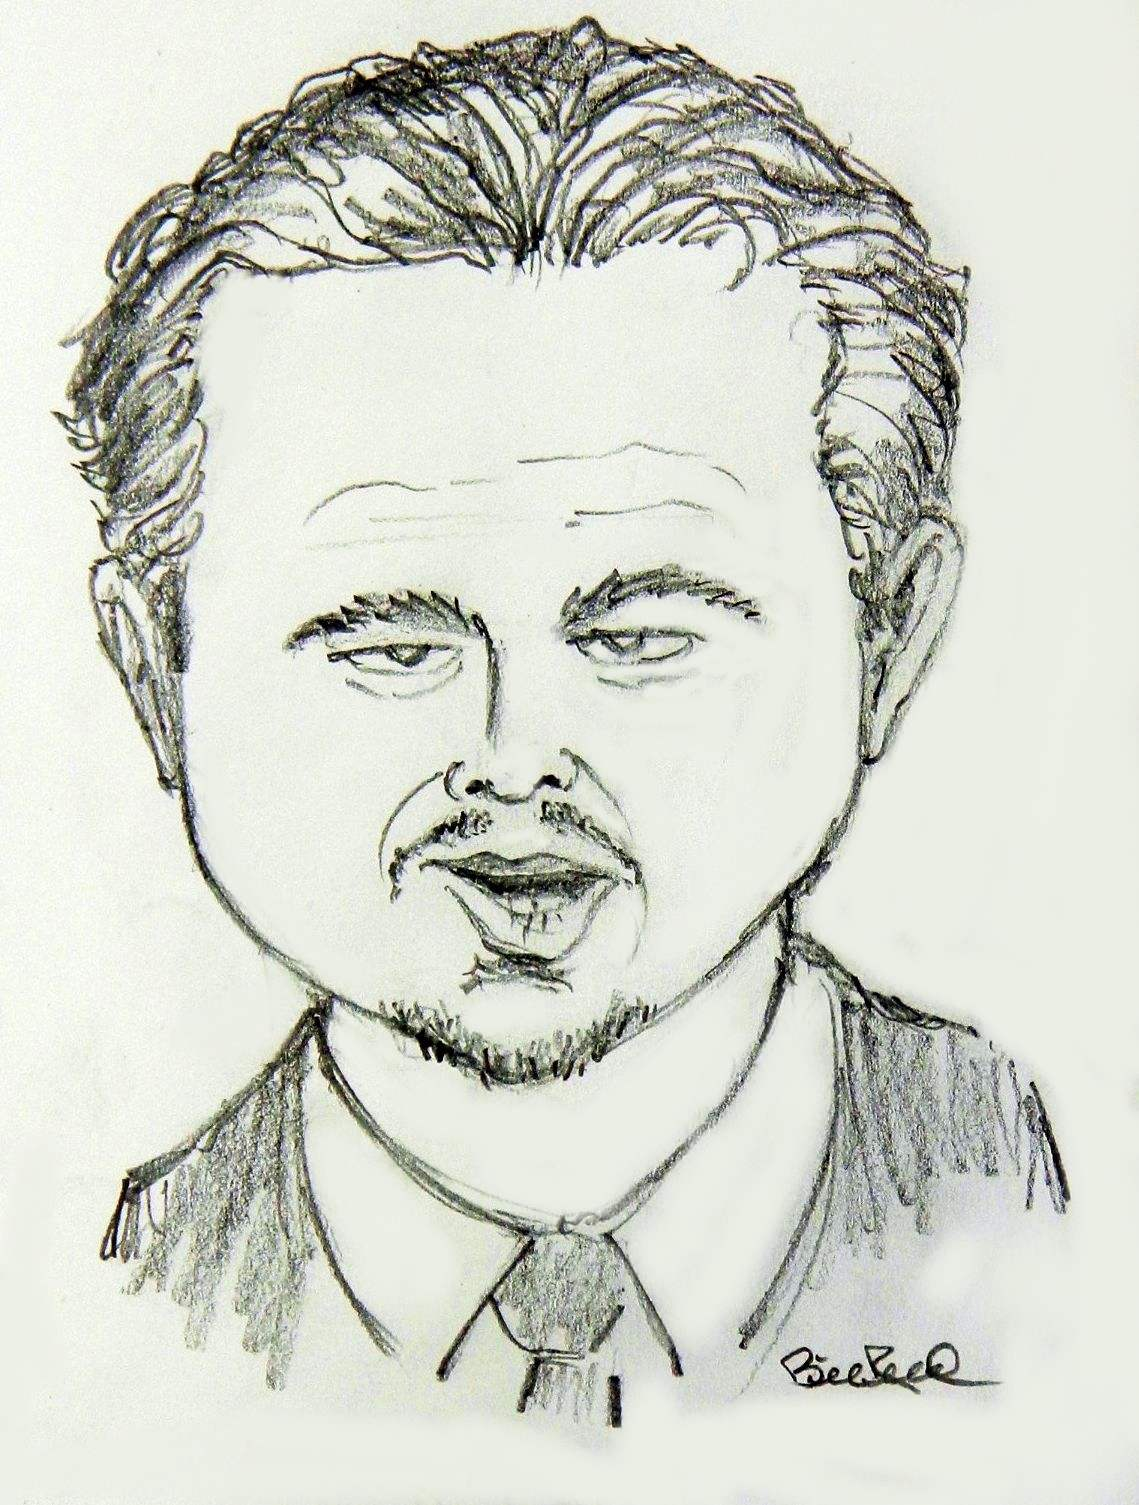 http://2.bp.blogspot.com/-6rFuaBsPwd0/Tt5Y3EZlMeI/AAAAAAAAA3w/8n7TFDkfPmc/s1600/Leonardo%252BDiCaprio.jpg